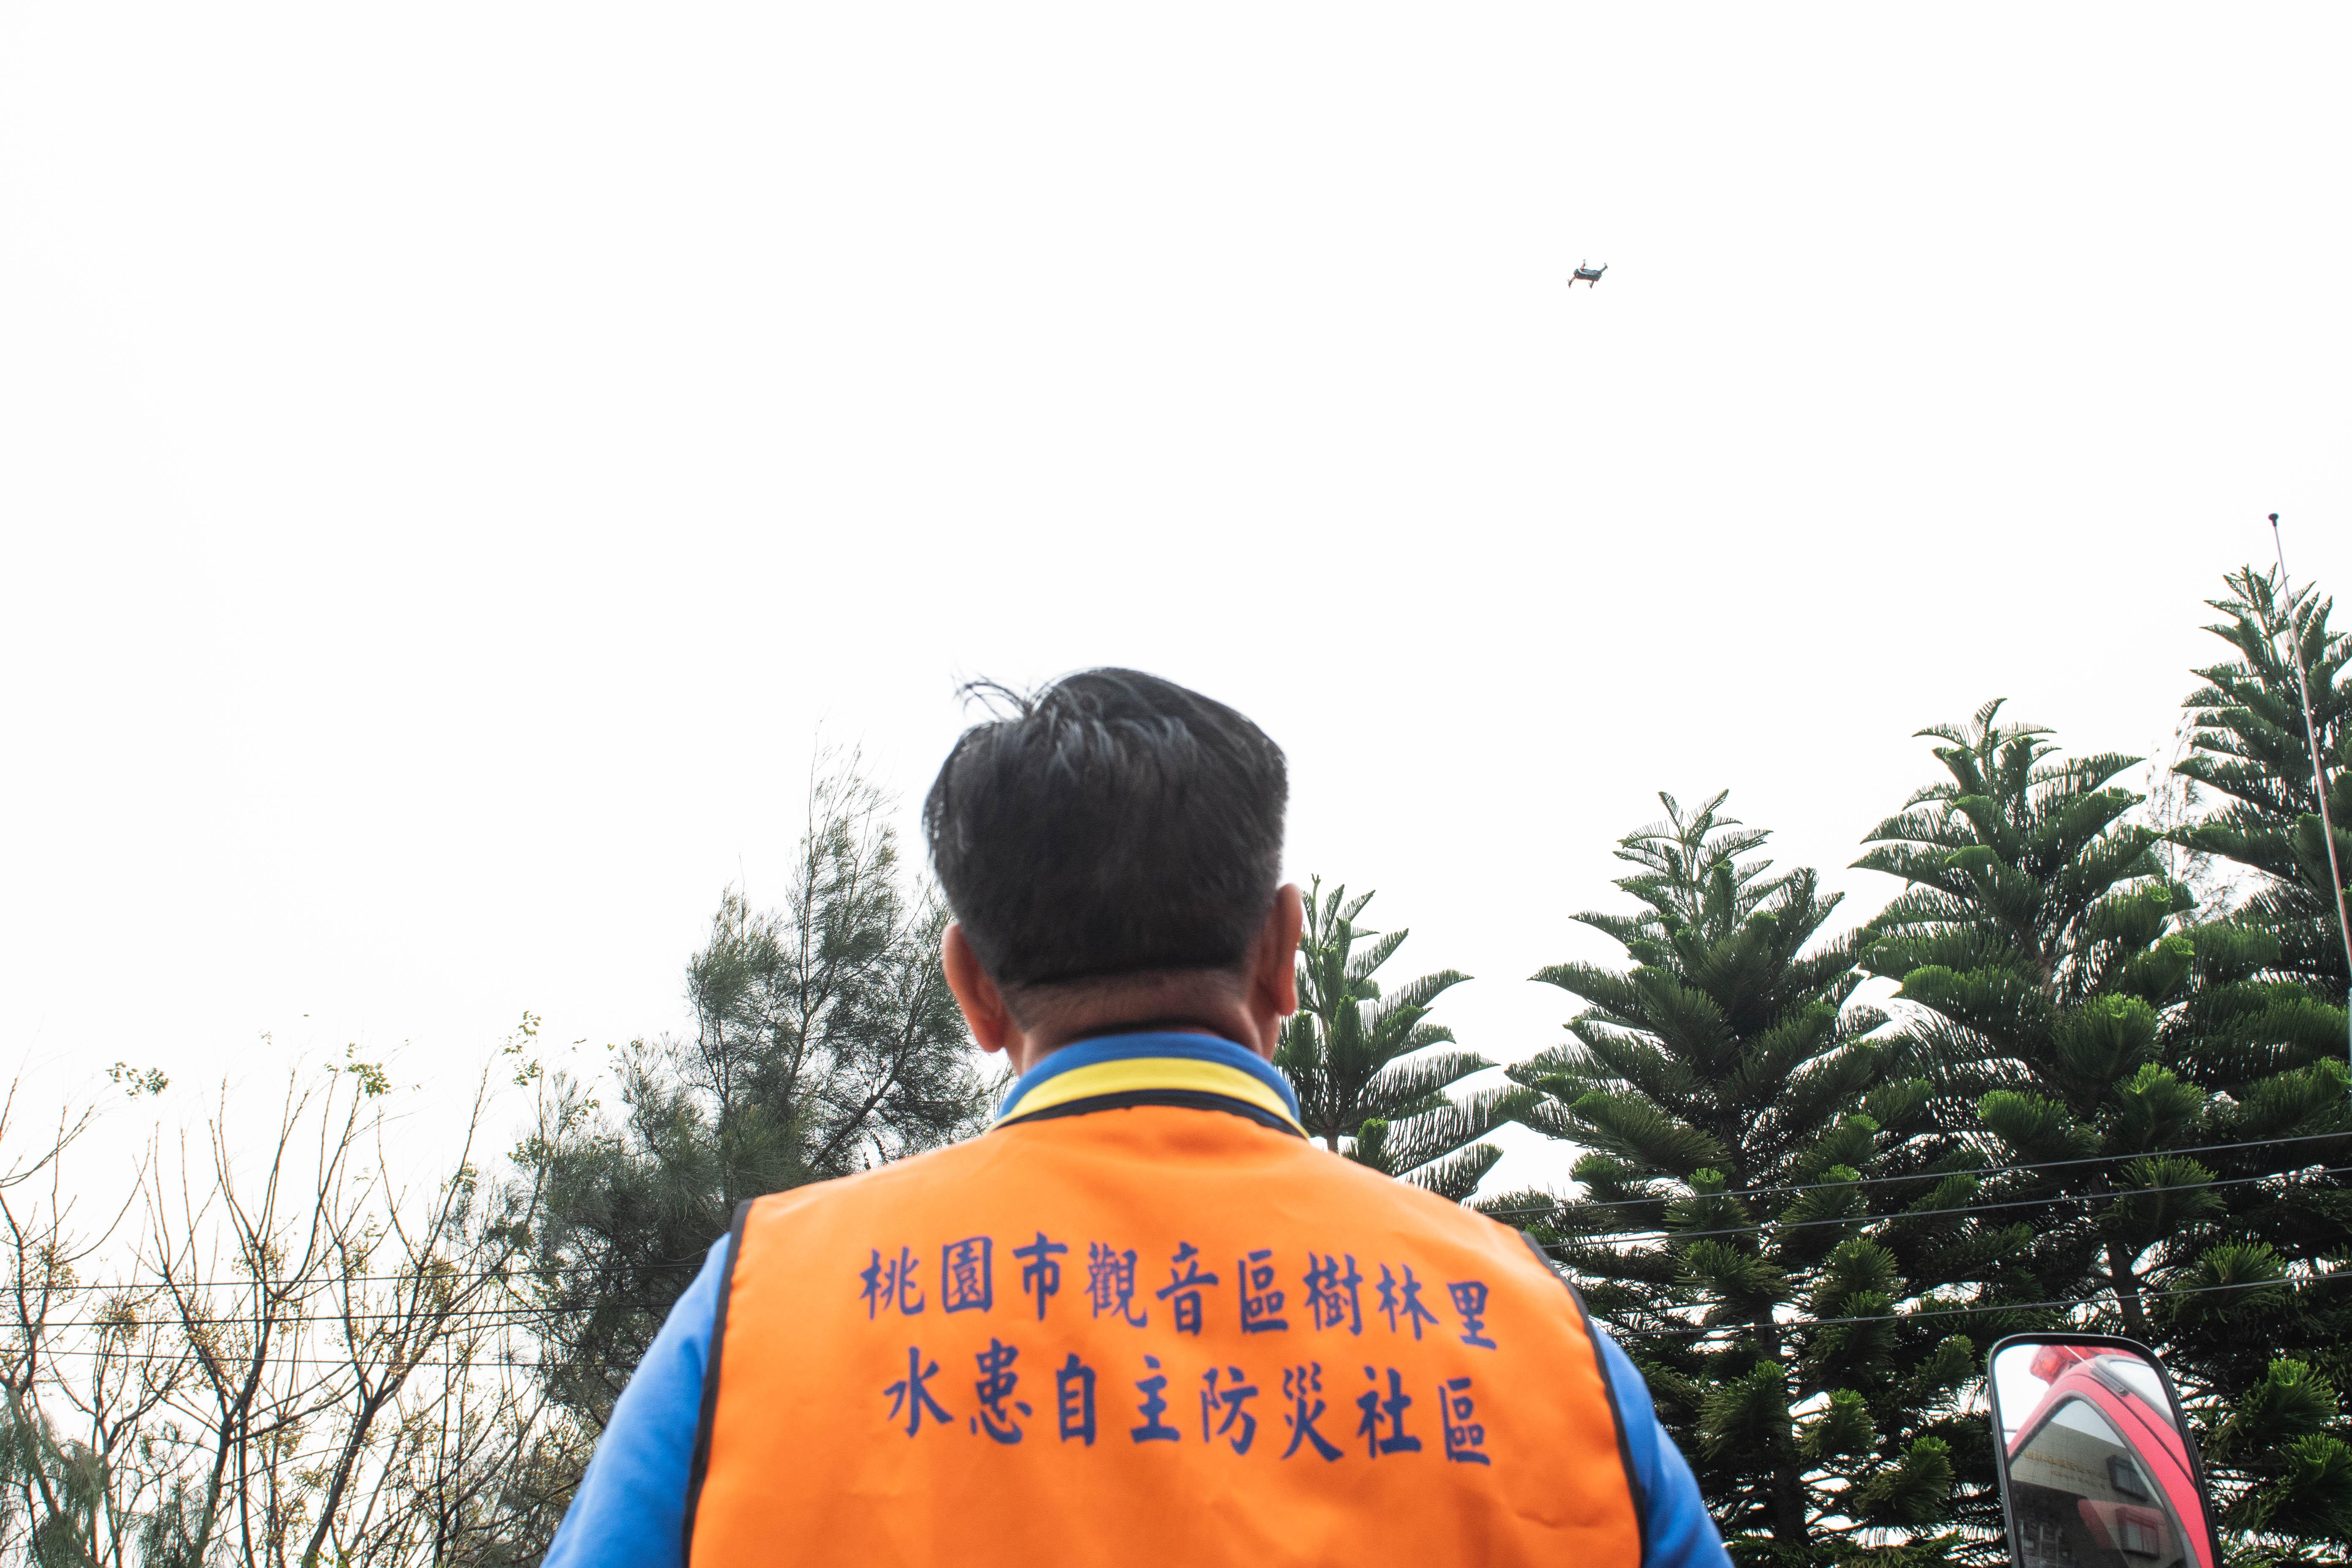 觀音區樹林里水患自主防災社區之成員操作空拍機一景